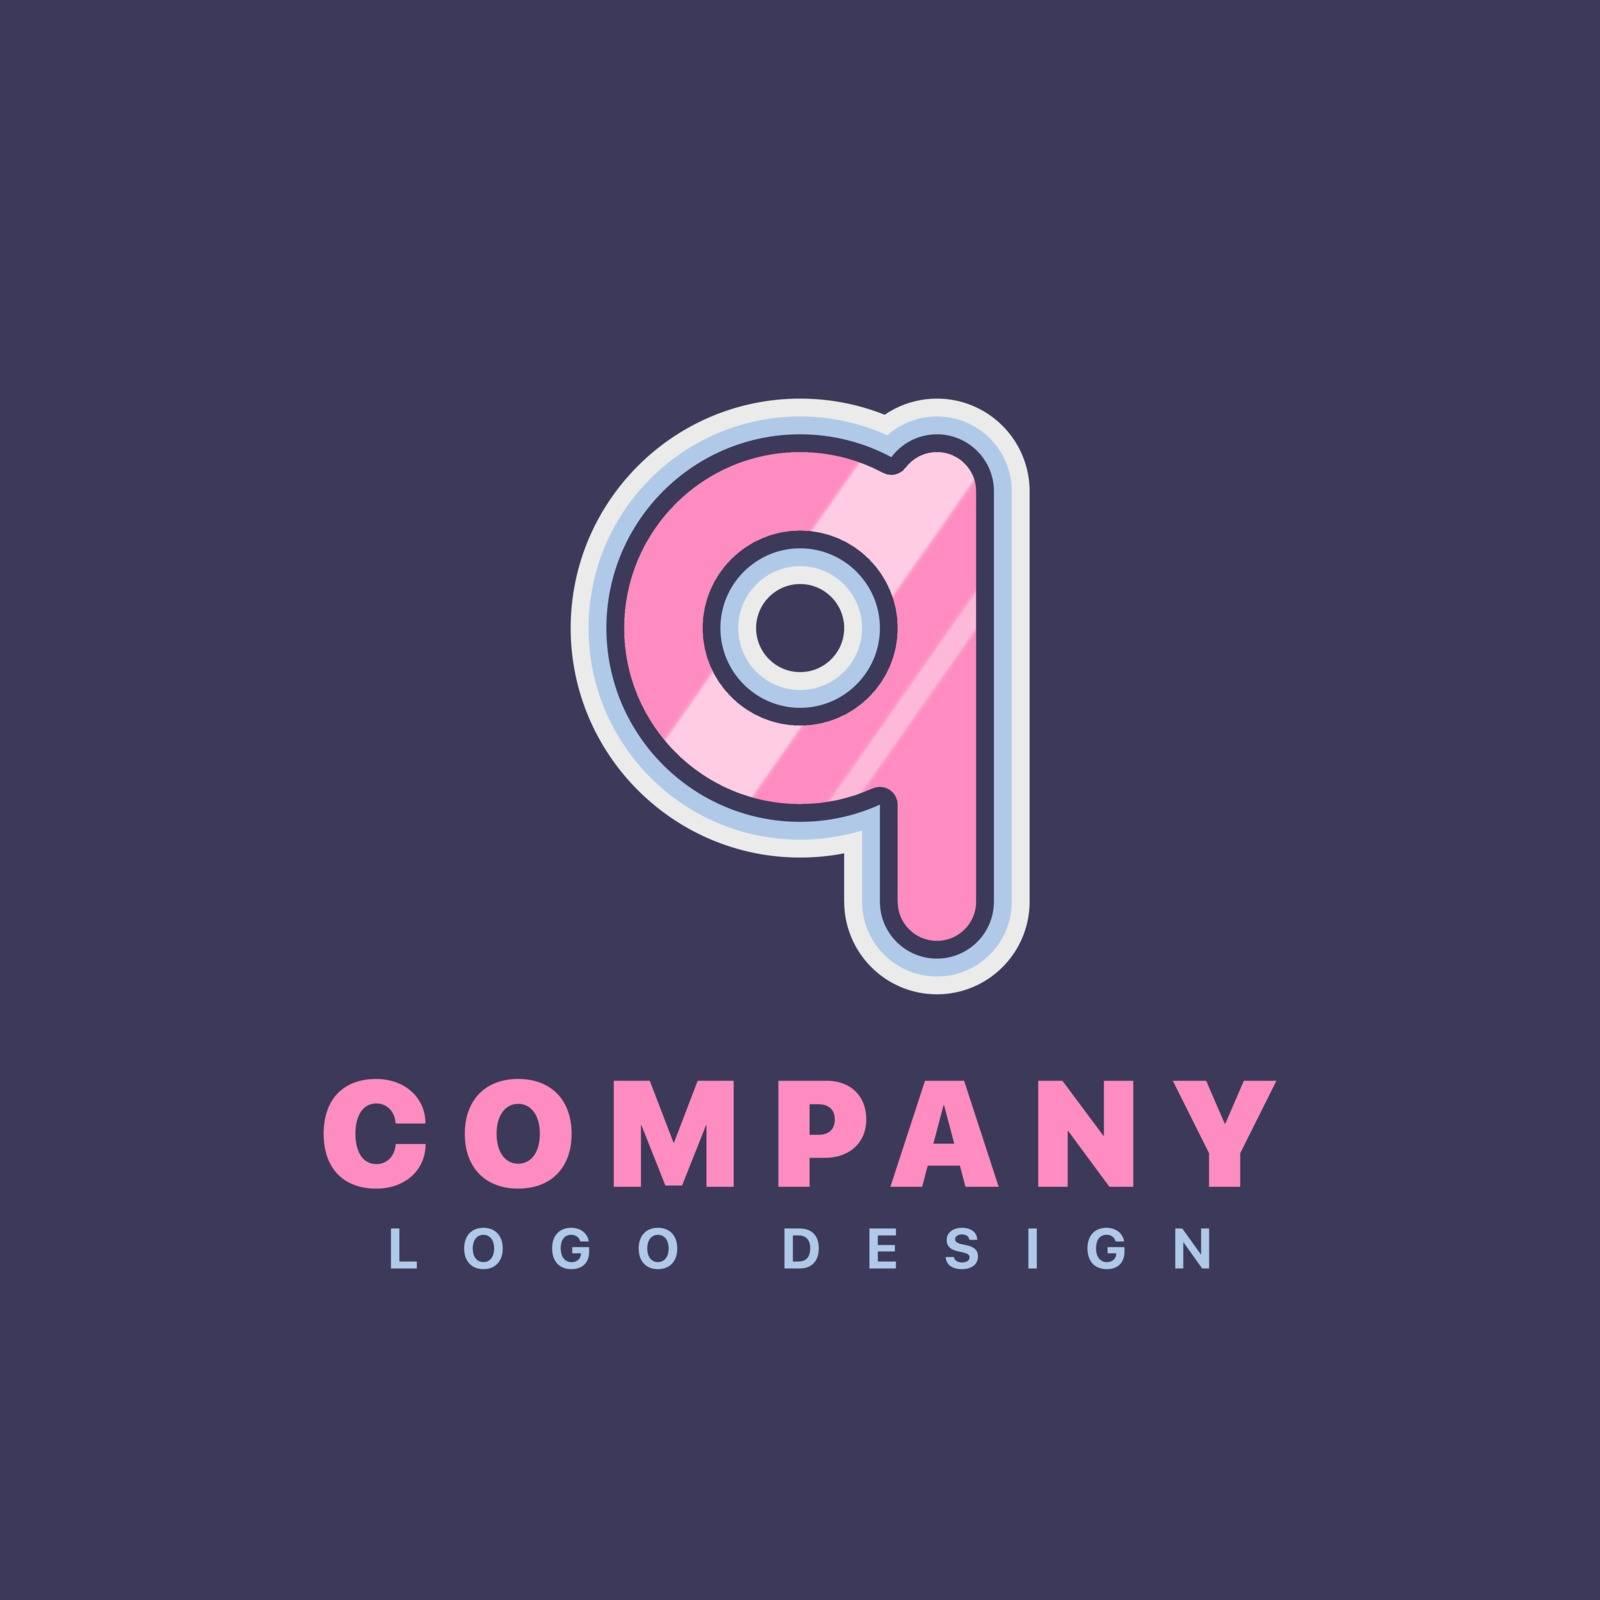 Letter Q logo design template. Company logo icon